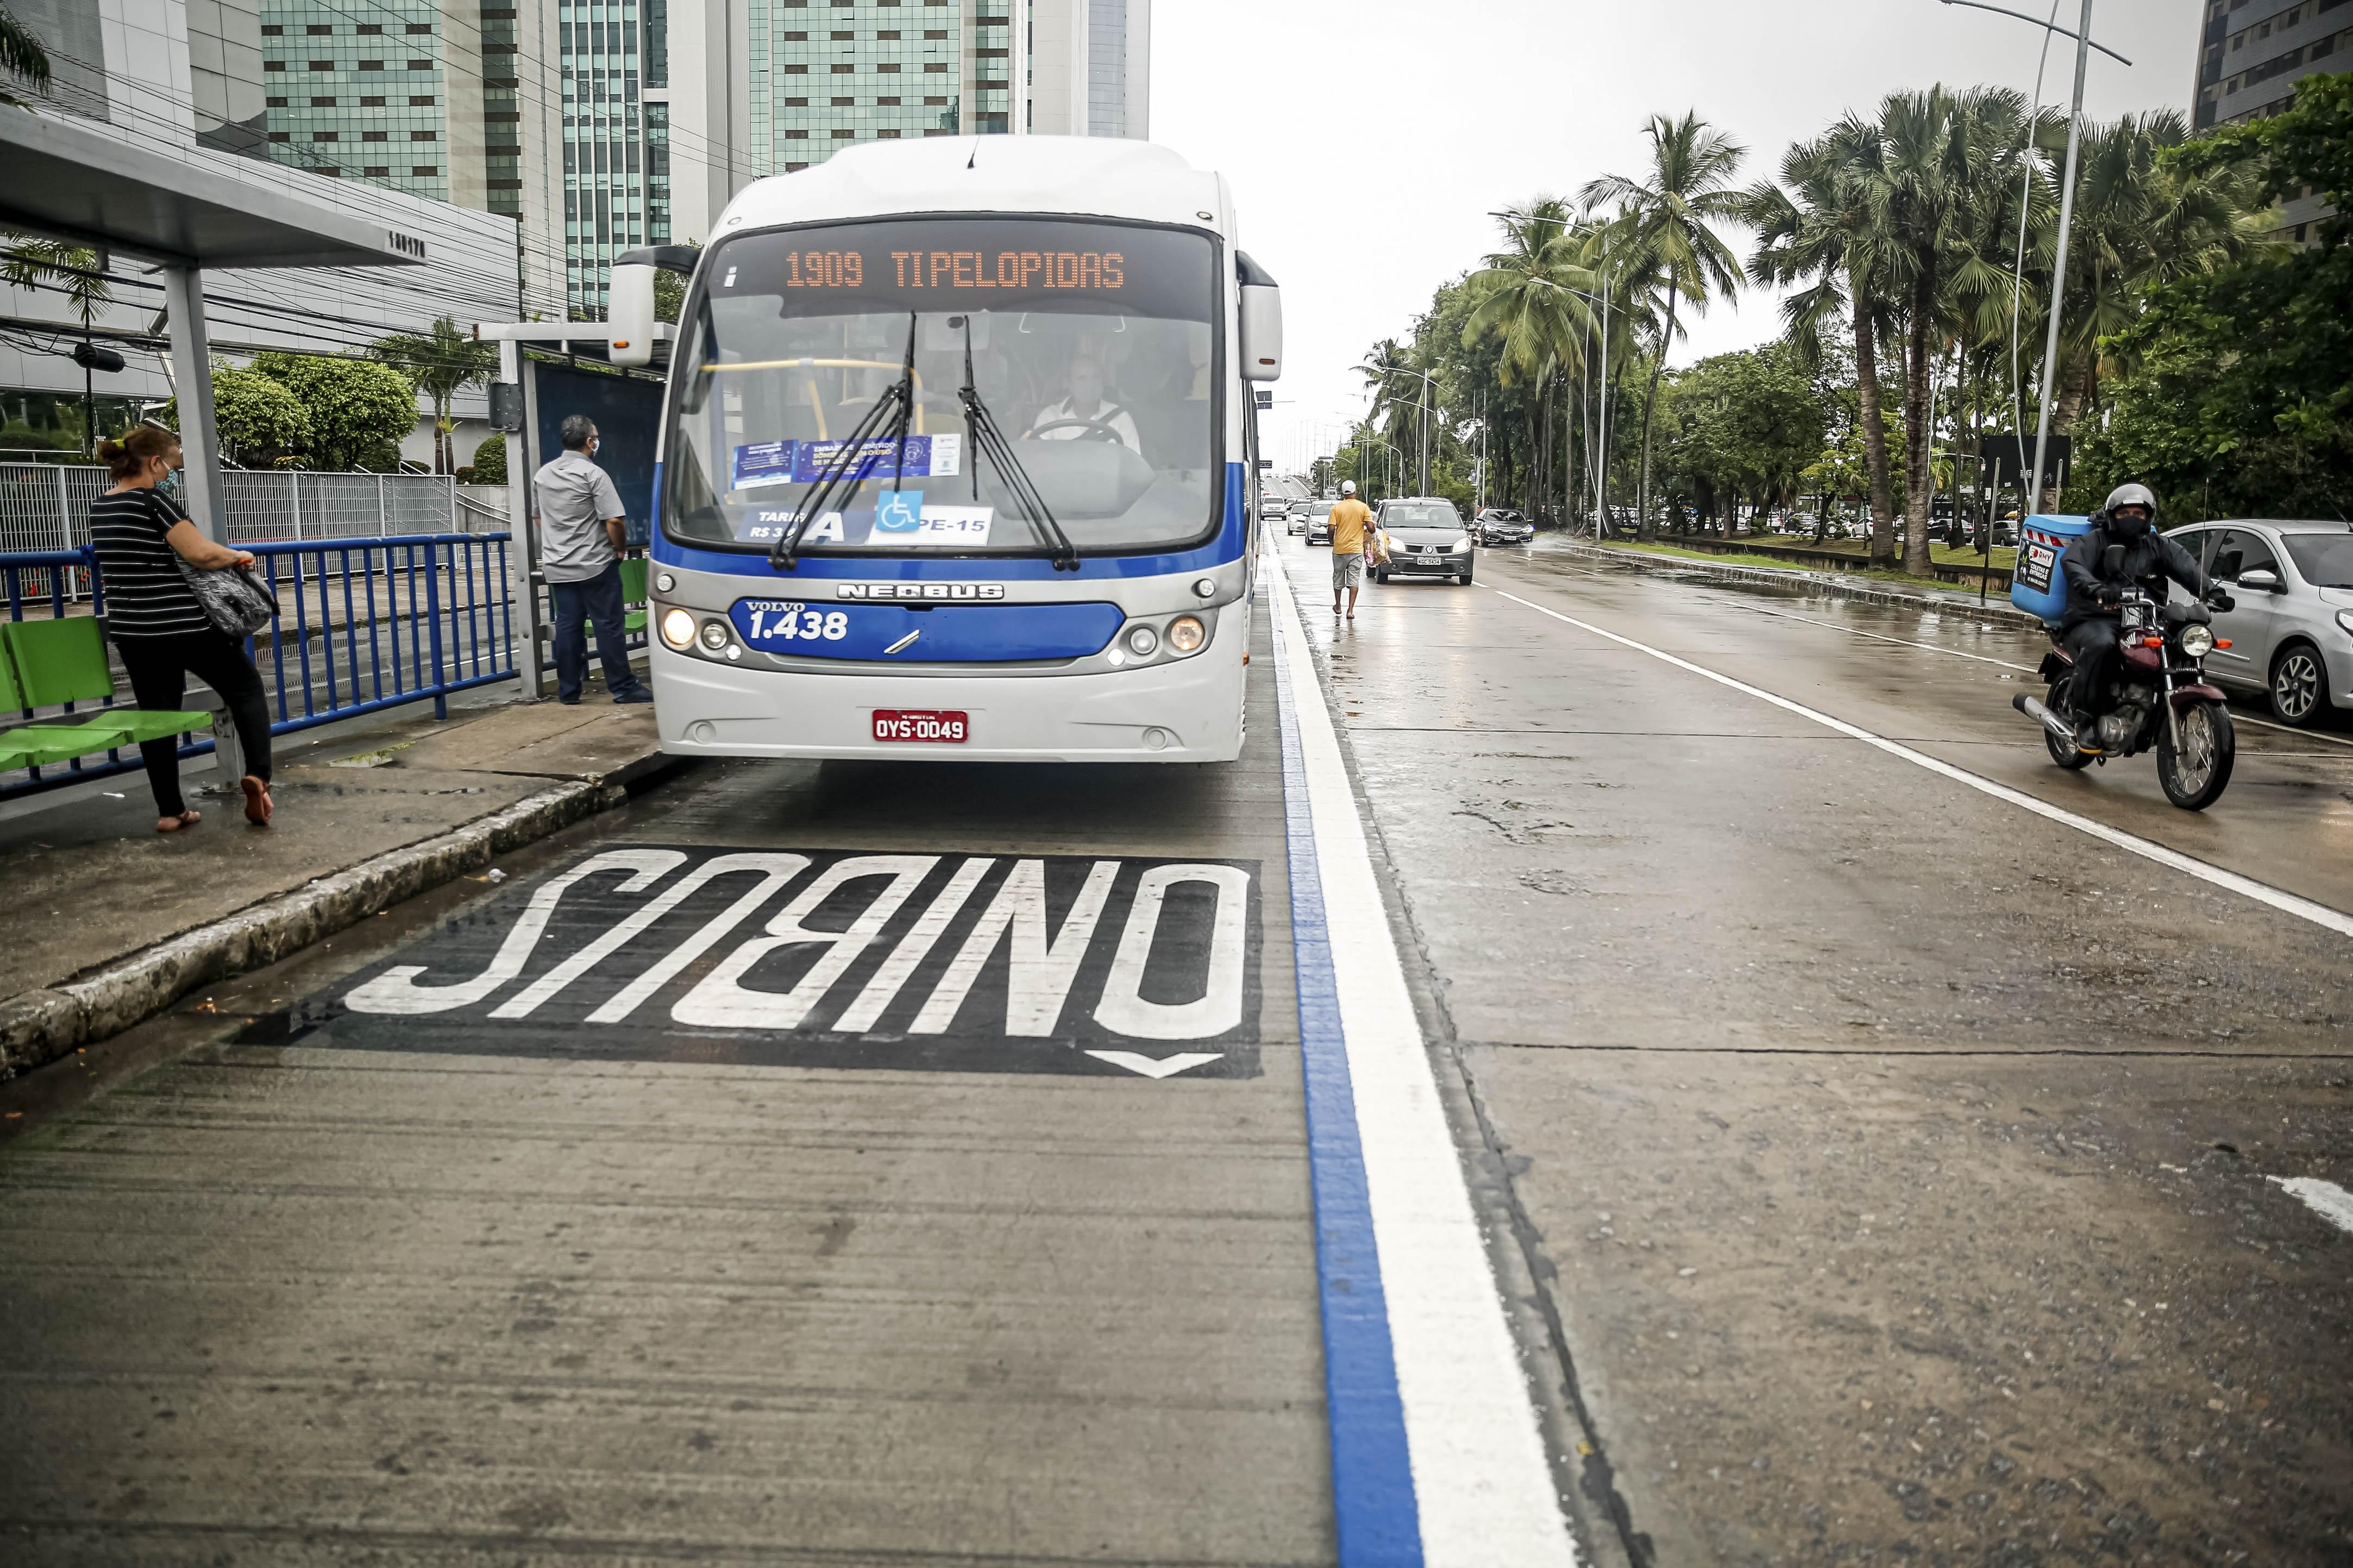 Movimento defende repensar mobilidade para solucionar questão do transporte do Grande Recife